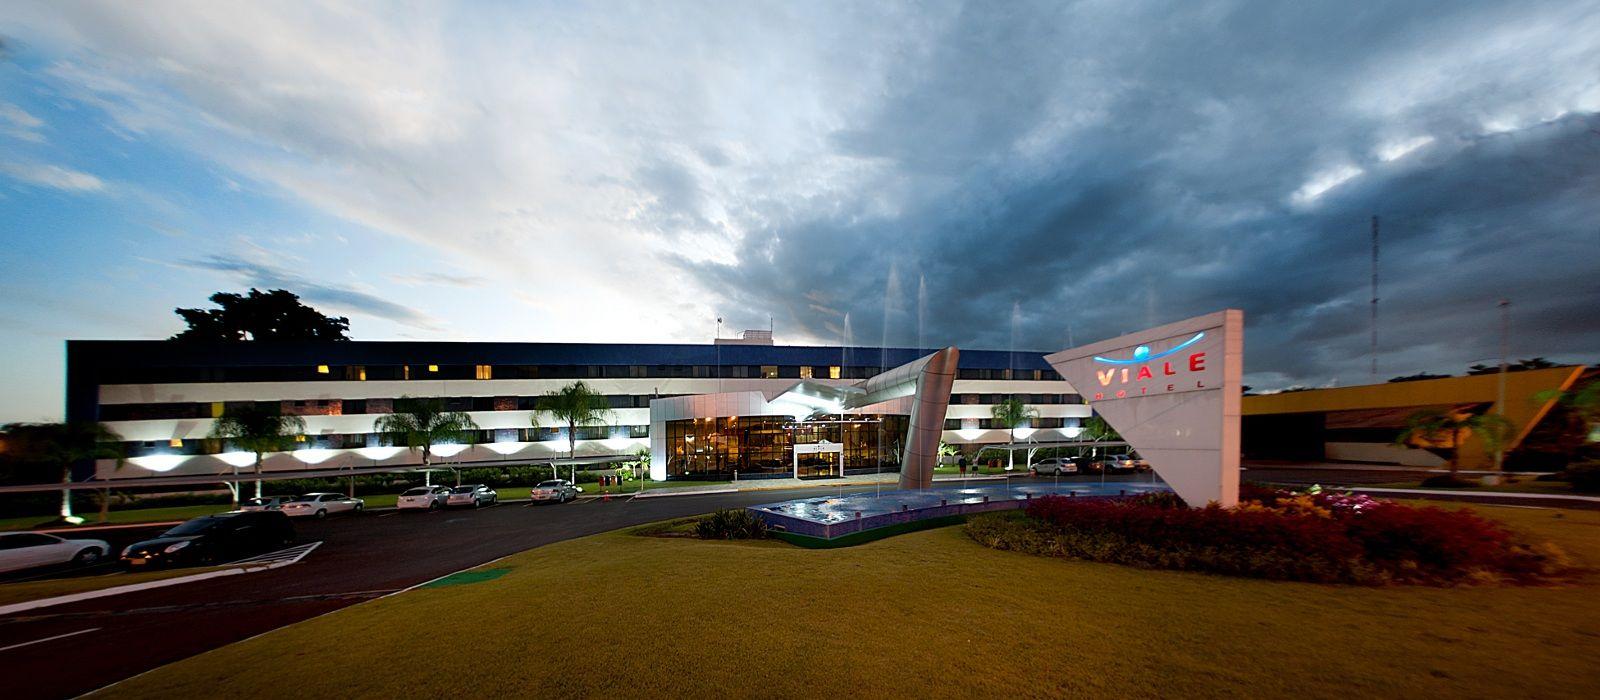 Hotel The Viale Cataratas  Brazil